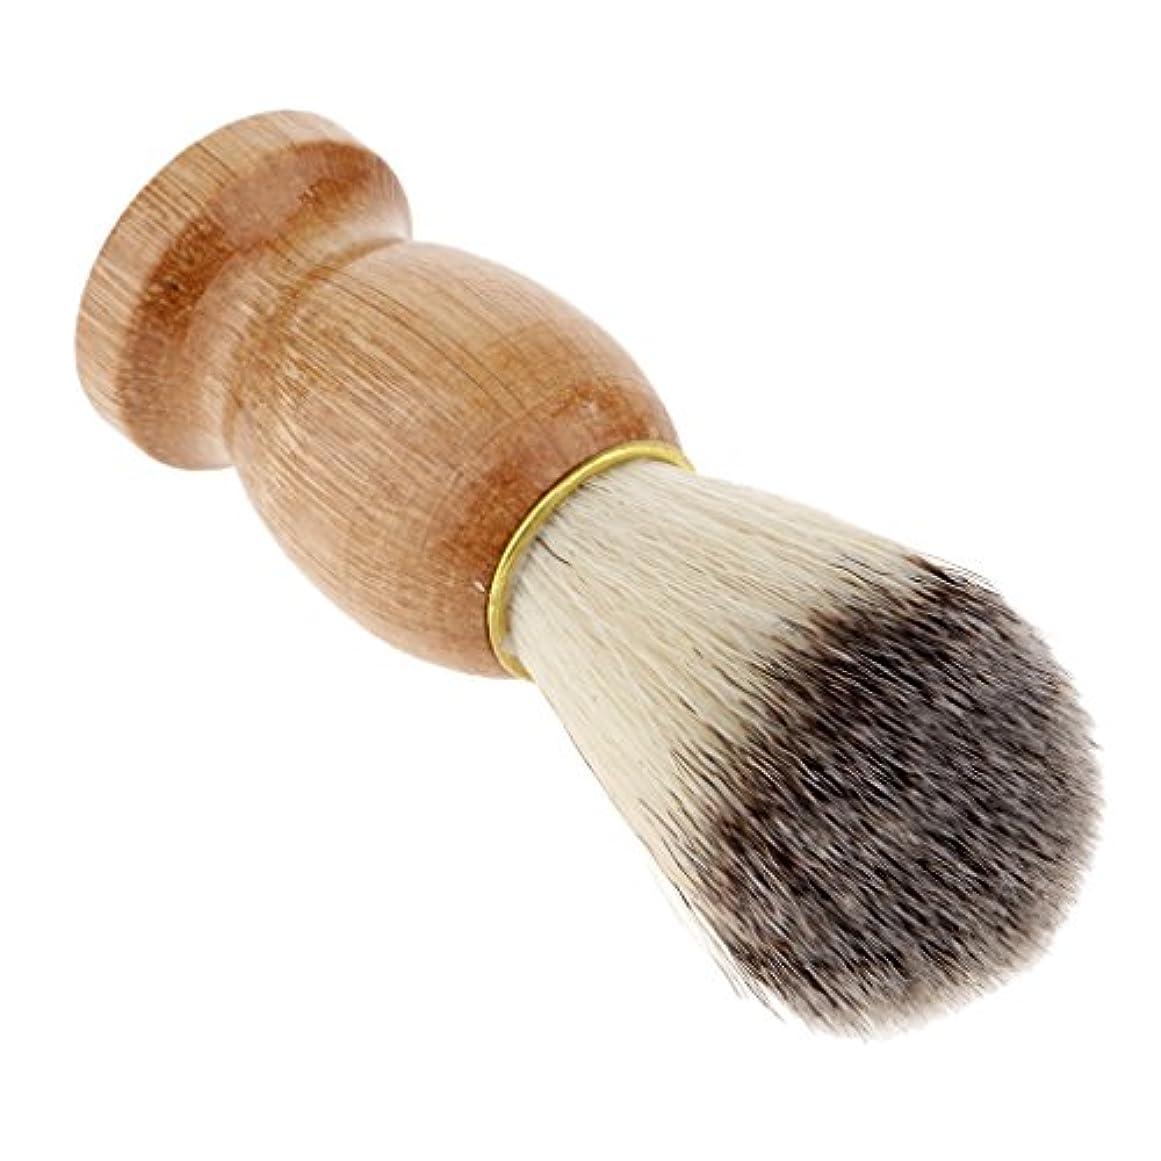 クック苦多様性人のための専門の木製の剃るブラシ、良質の木の剃毛用具